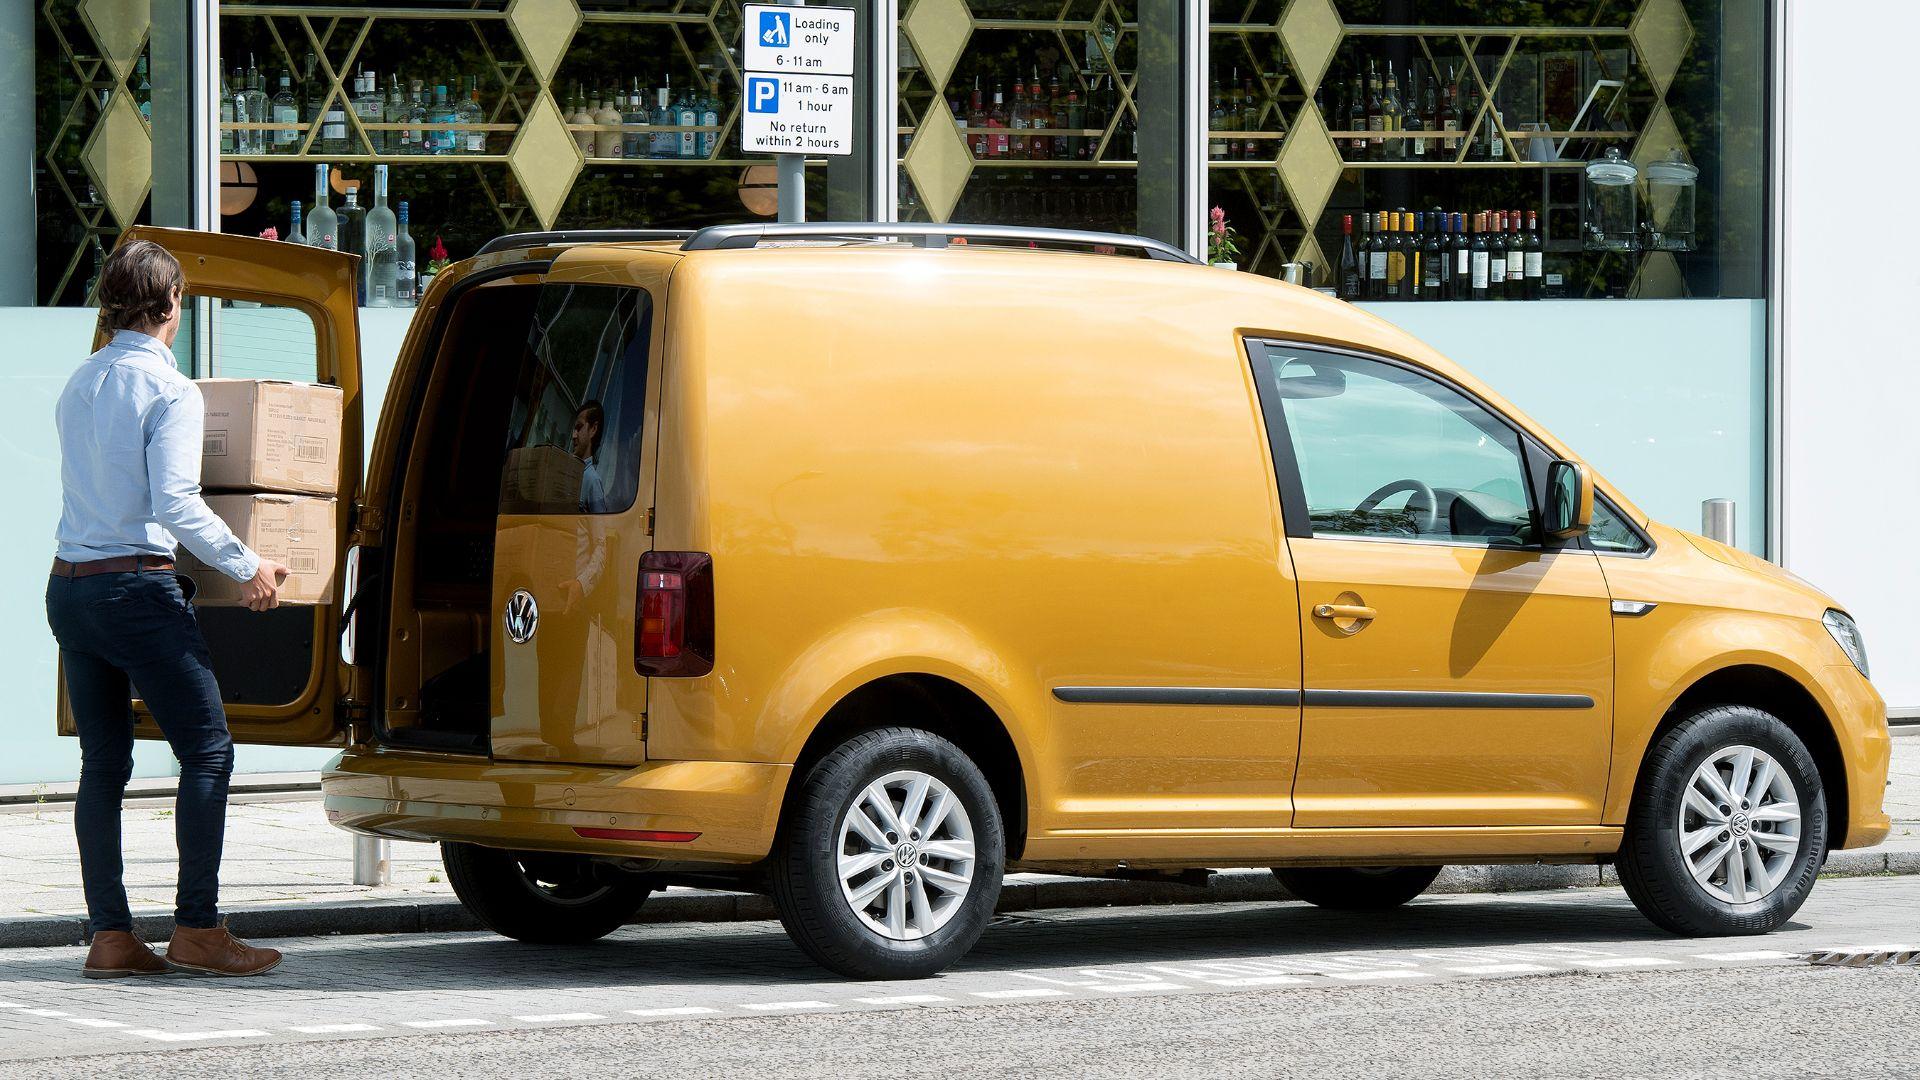 Volkswagen parking bay fines